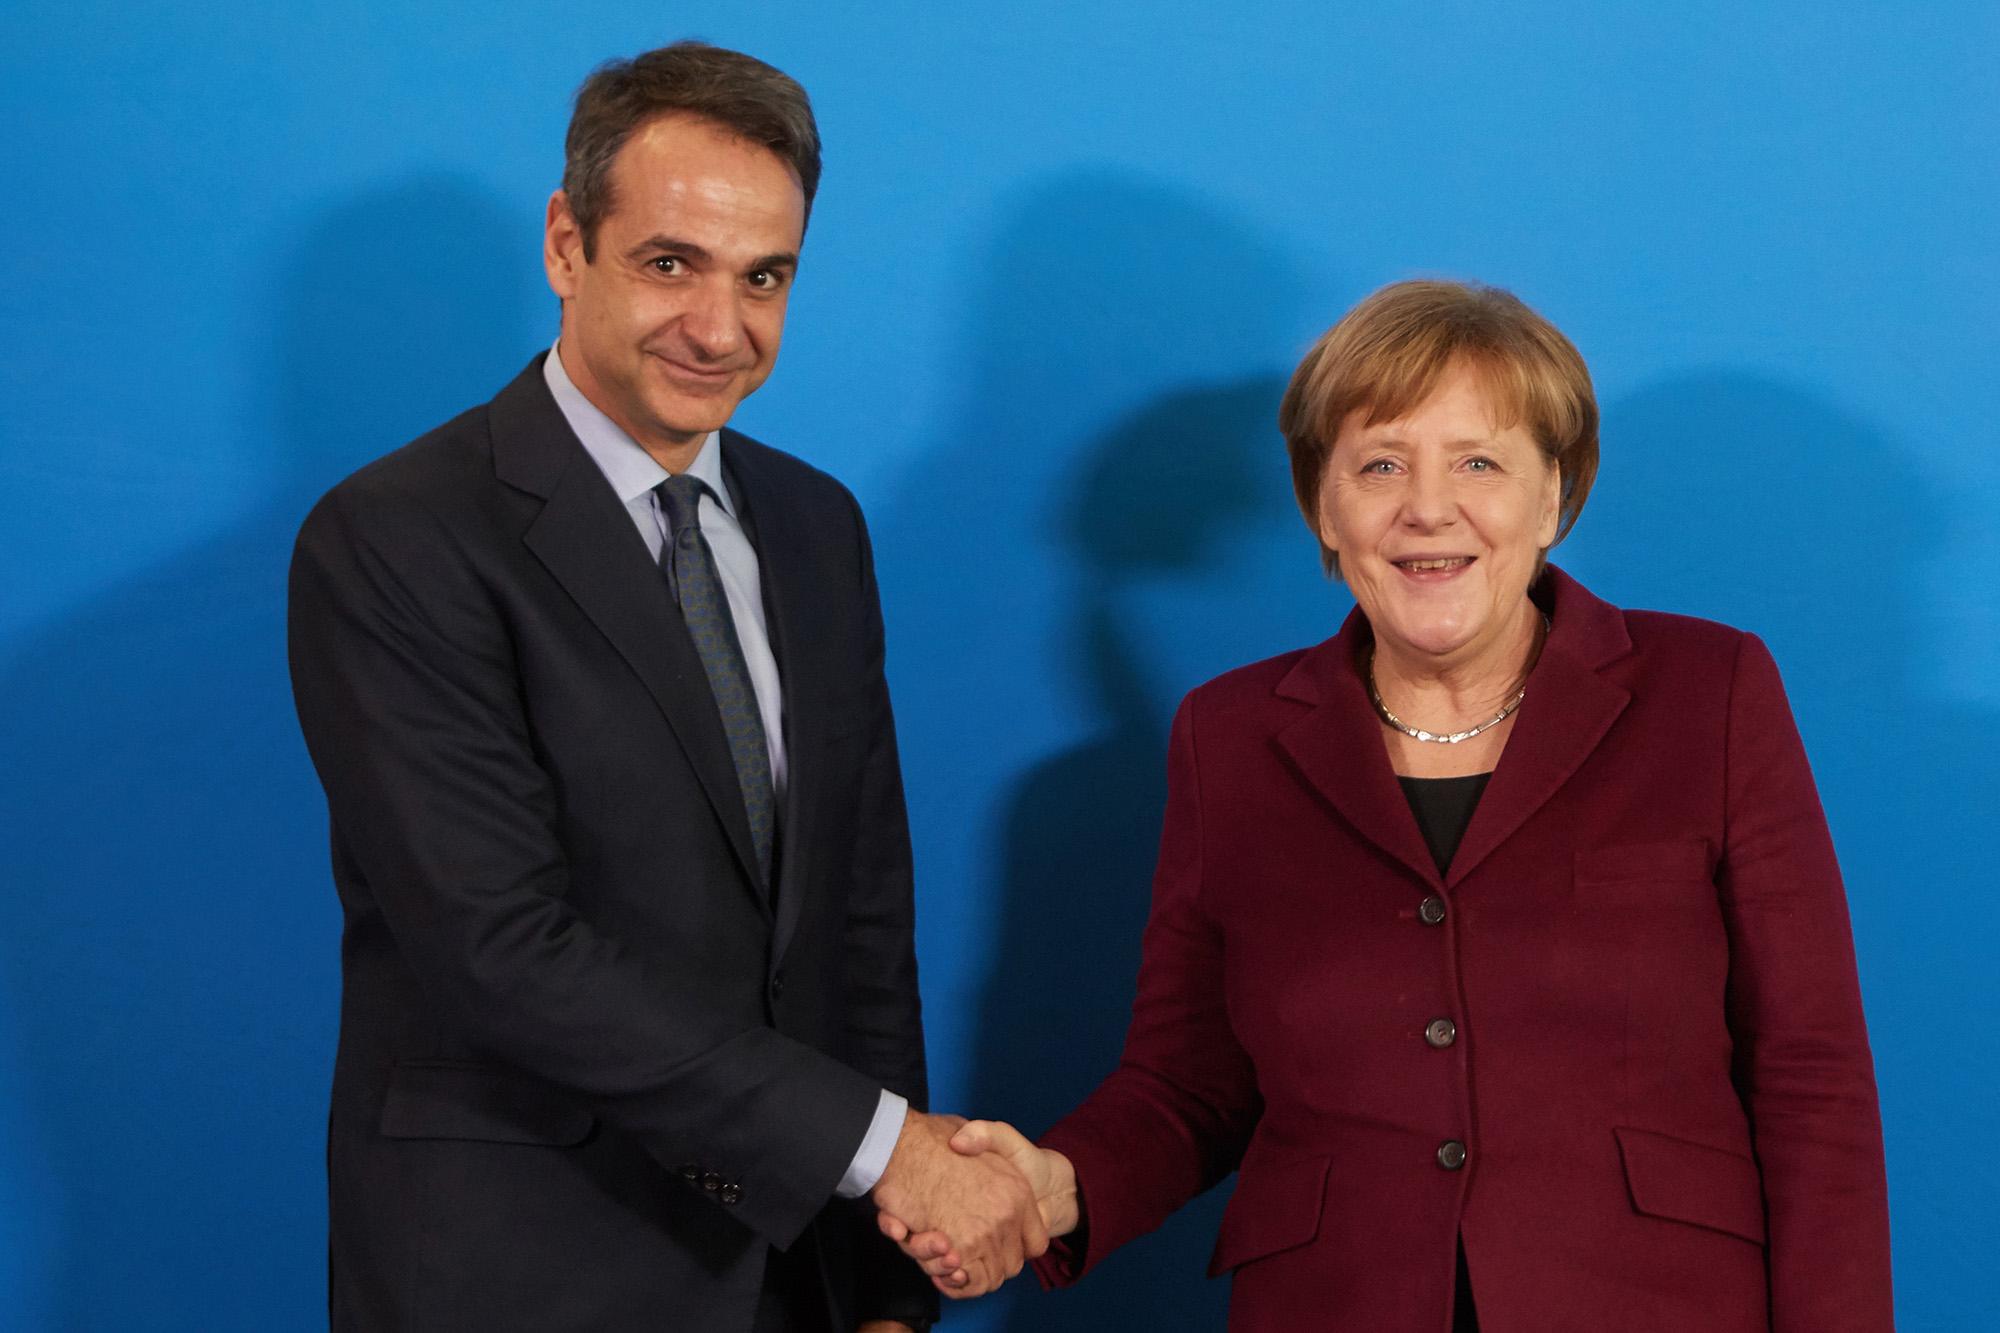 Ο πρόεδρος της Νέας Δημοκρατίας Κυριάκος Μητσοτάκης ανταλλάσει χειραψία  με την Καγκελάριο της Γερμανίας  Άγγελα Μέρκελ, κατά τη διάρκεια της συνάντησής τους, τη Δευτέρα 13 Φεβρουαρίου 2017, στα κεντρικά γραφεία του Κόμματος CDU. Διήμερη επίσκεψη  πραγματοποιεί ο  Κυριάκος Μητσοτάκης, στο Βερολίνο, σήμερα και αύριο, όπου θα έχει και τις πρώτες εκτεταμένες, συναντήσεις με την καγκελάριο Άγγελα Μέρκελ και τον υπουργό Οικονομικών Βόλφγκανγκ Σόιμπλε. ΑΠΕ-ΜΠΕ/ΓΡΑΦΕΙΟ ΤΥΠΟΥ ΝΔ/ΔΗΜΗΤΡΗΣ  ΠΑΠΑΜΗΤΣΟΣ